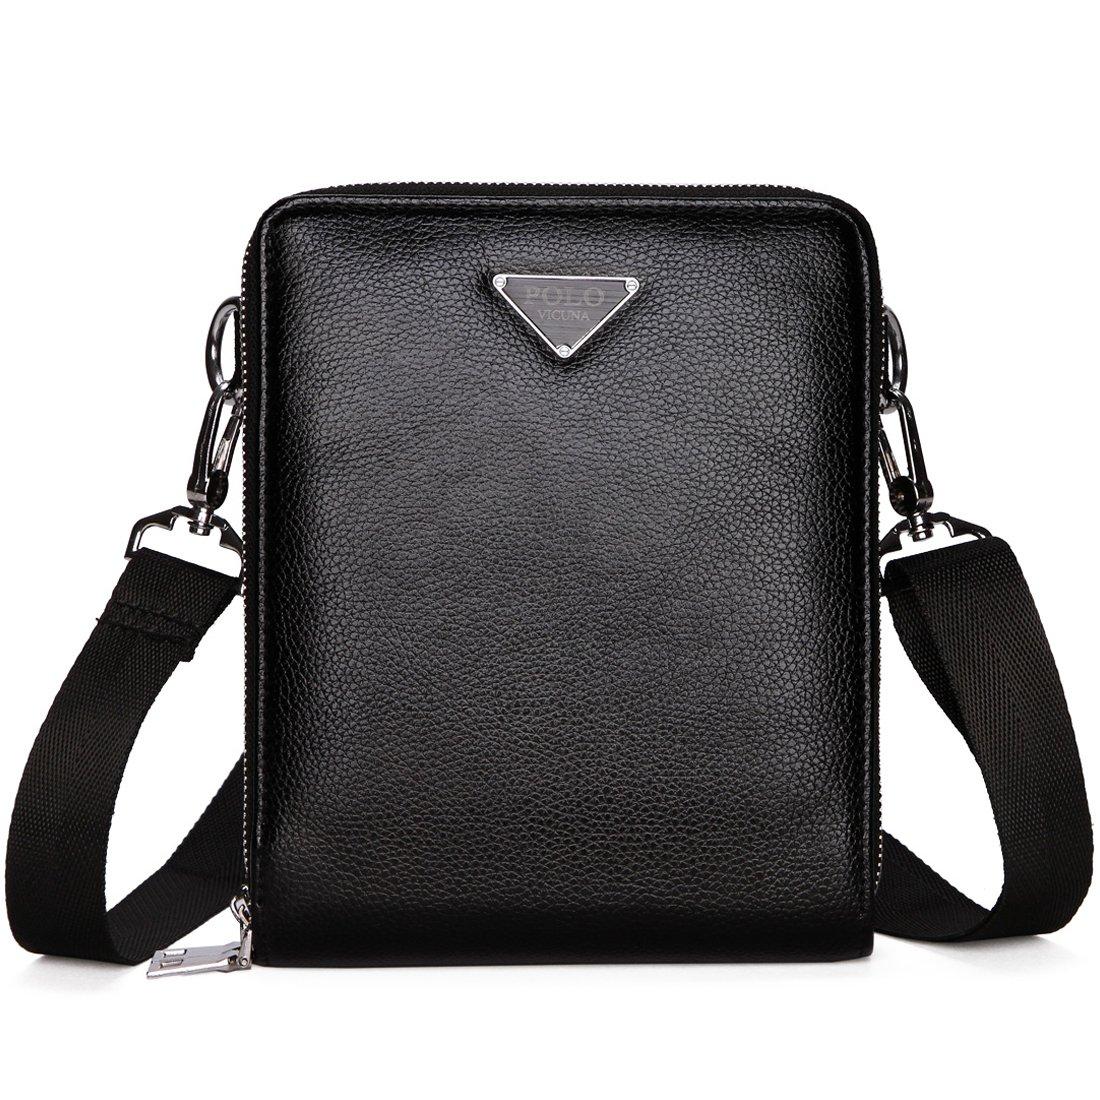 VICUNA POLO Shoulder Bag for Men Messenger Bag Large Capacity Crossbody Bag for Male (black)